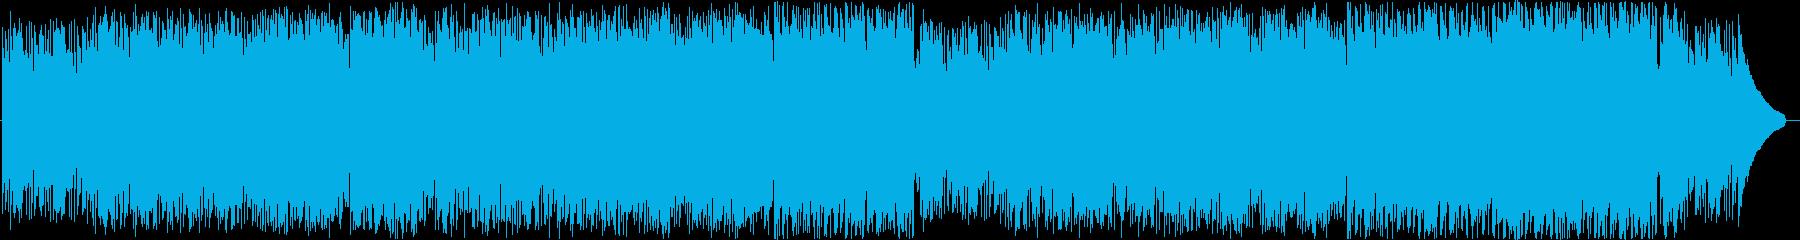 笛による和風でJazzyなインスト曲の再生済みの波形